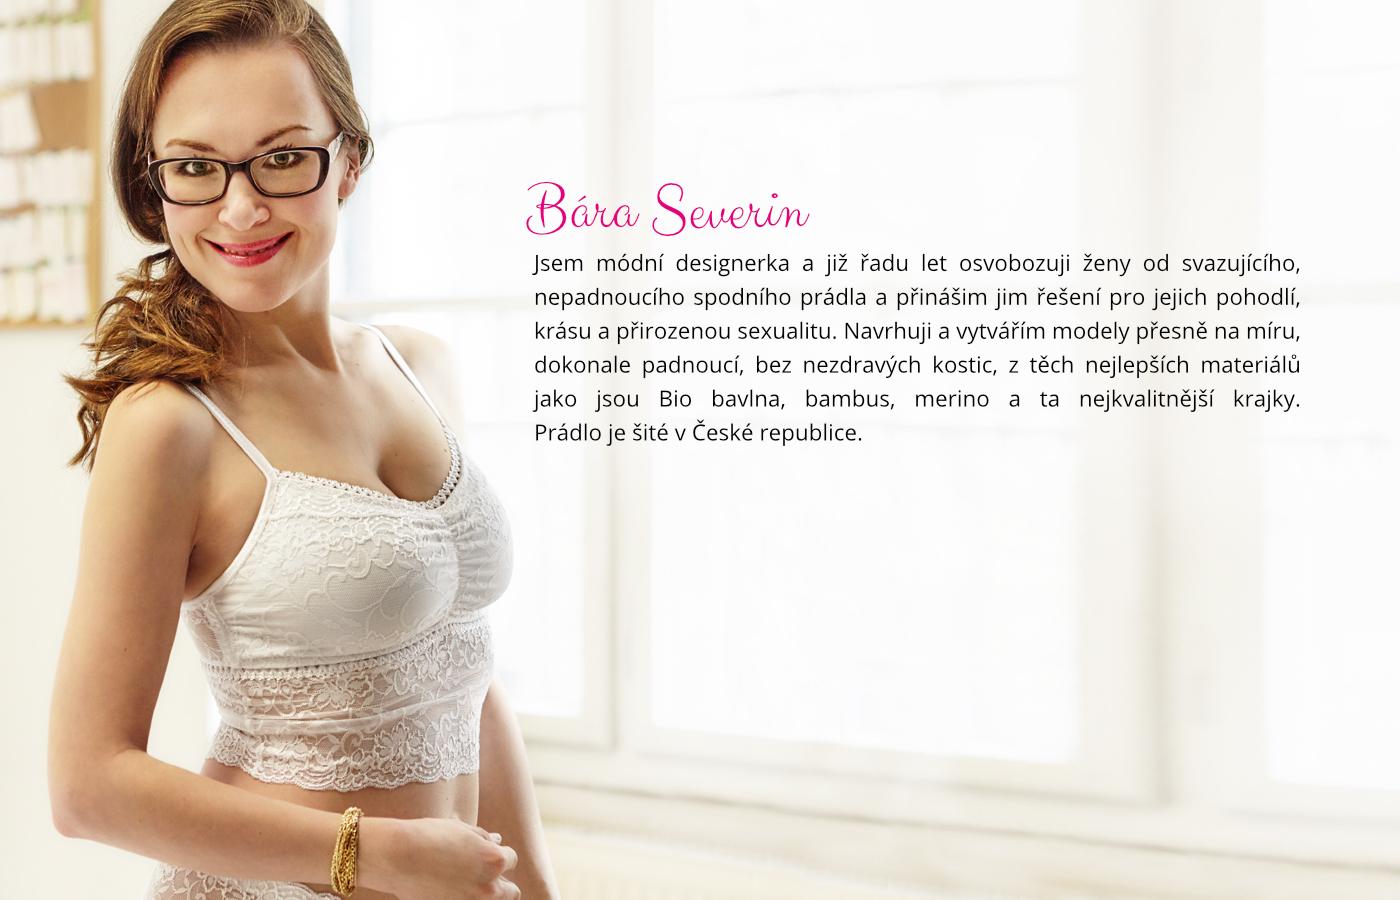 Page Underwear by Bára Severin - designérka spodního prádla